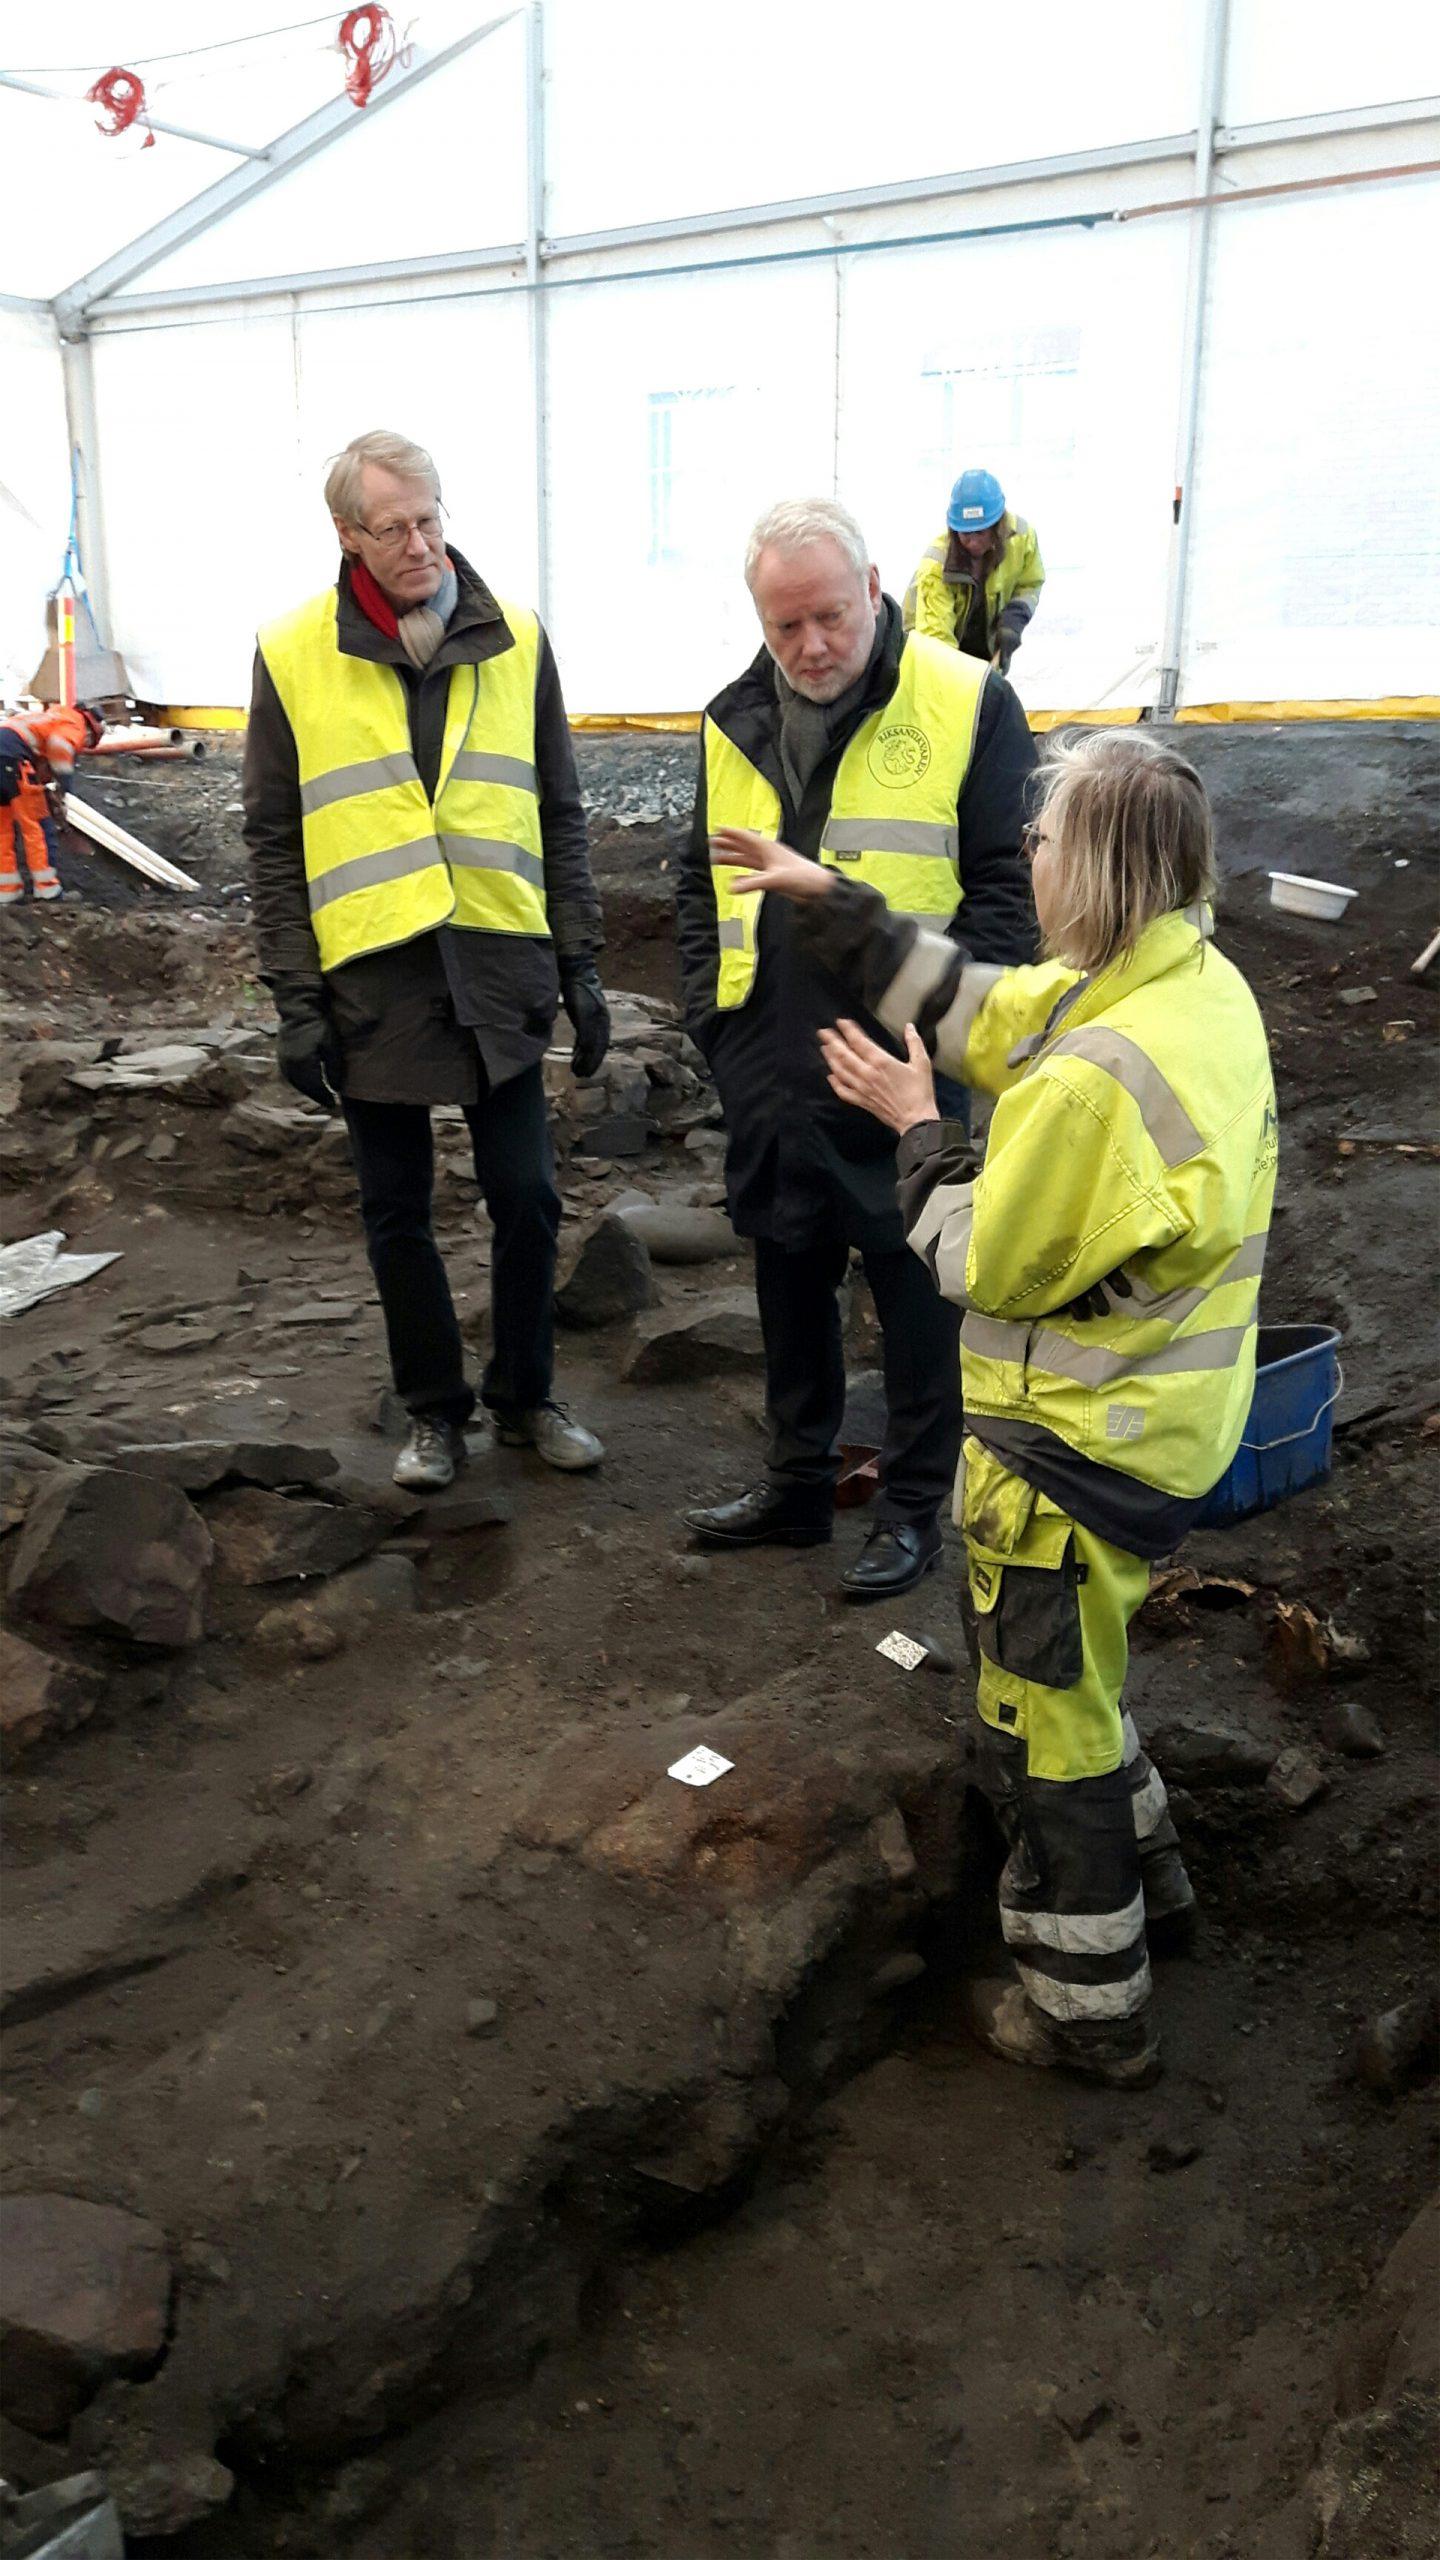 Bilde av Riksantikvar Jørn Holme som orienteres av utgravningsleder Anna Petersén fra NIKU i forbindelse med oppstarten av de arkeologiske undersøkelsene den 6. februar 2017. Foto: Sissel Ramstad Skoglund, Riksantikvaren